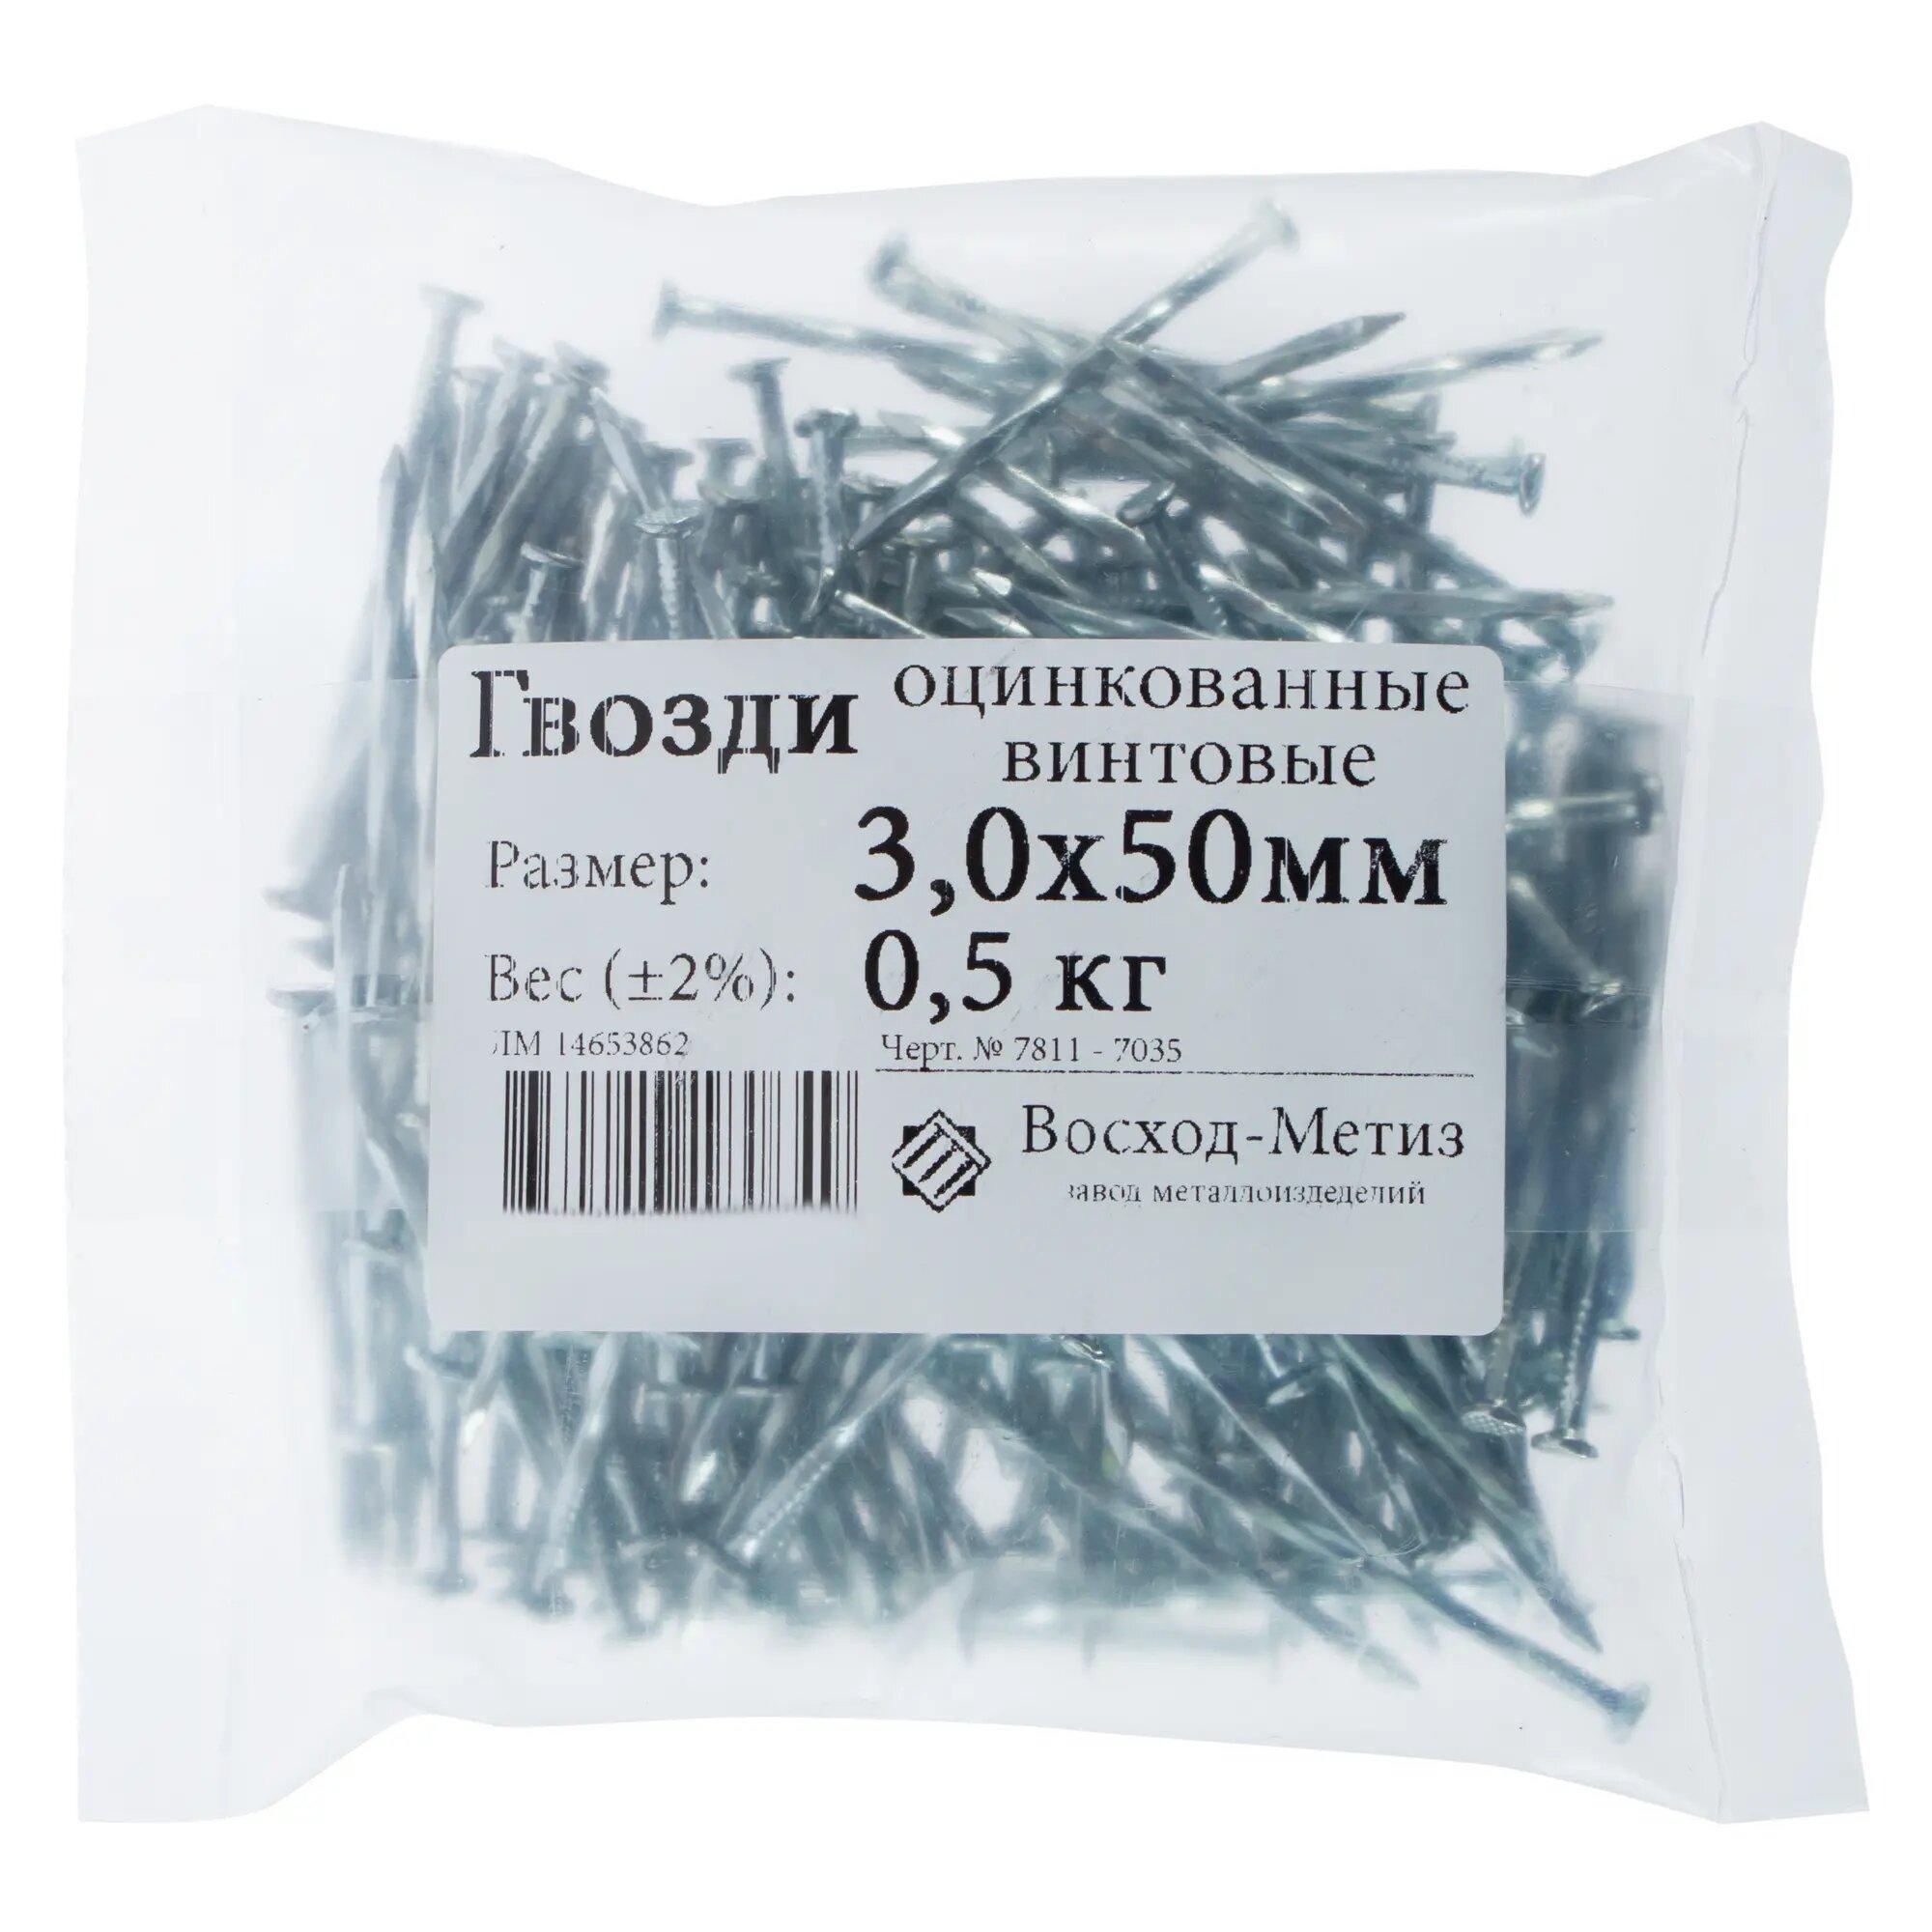 Гвозди винтовые оцинкованные 3.0х50 мм, 0.5 кг